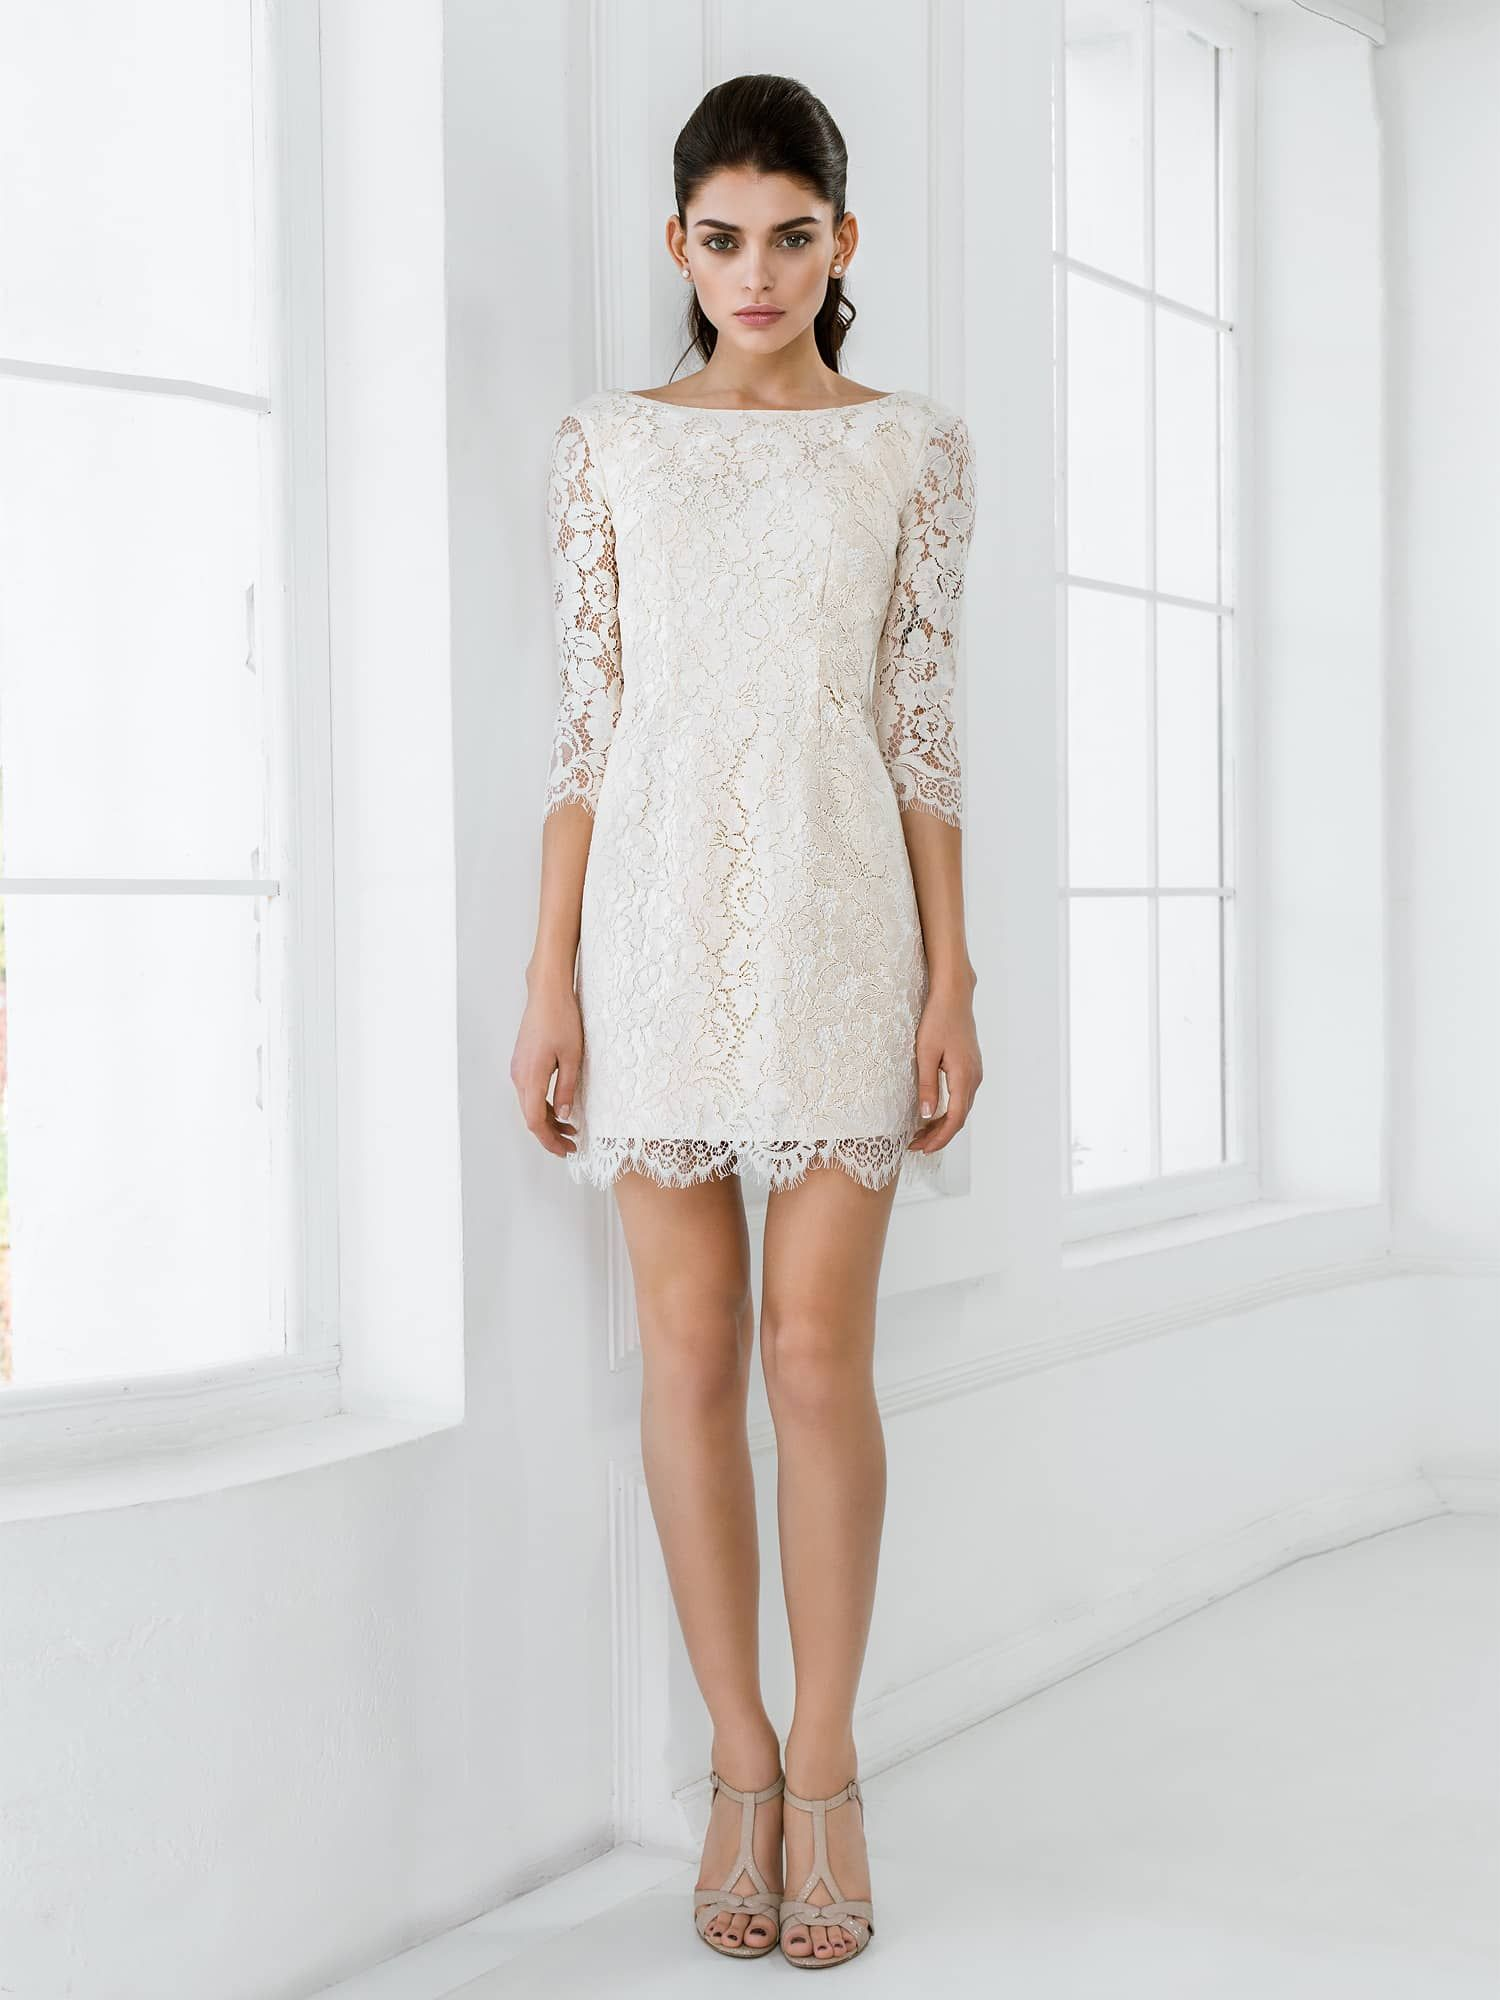 c02dfcc3181 Белое кружевное платье  100+ фото модных фасонов